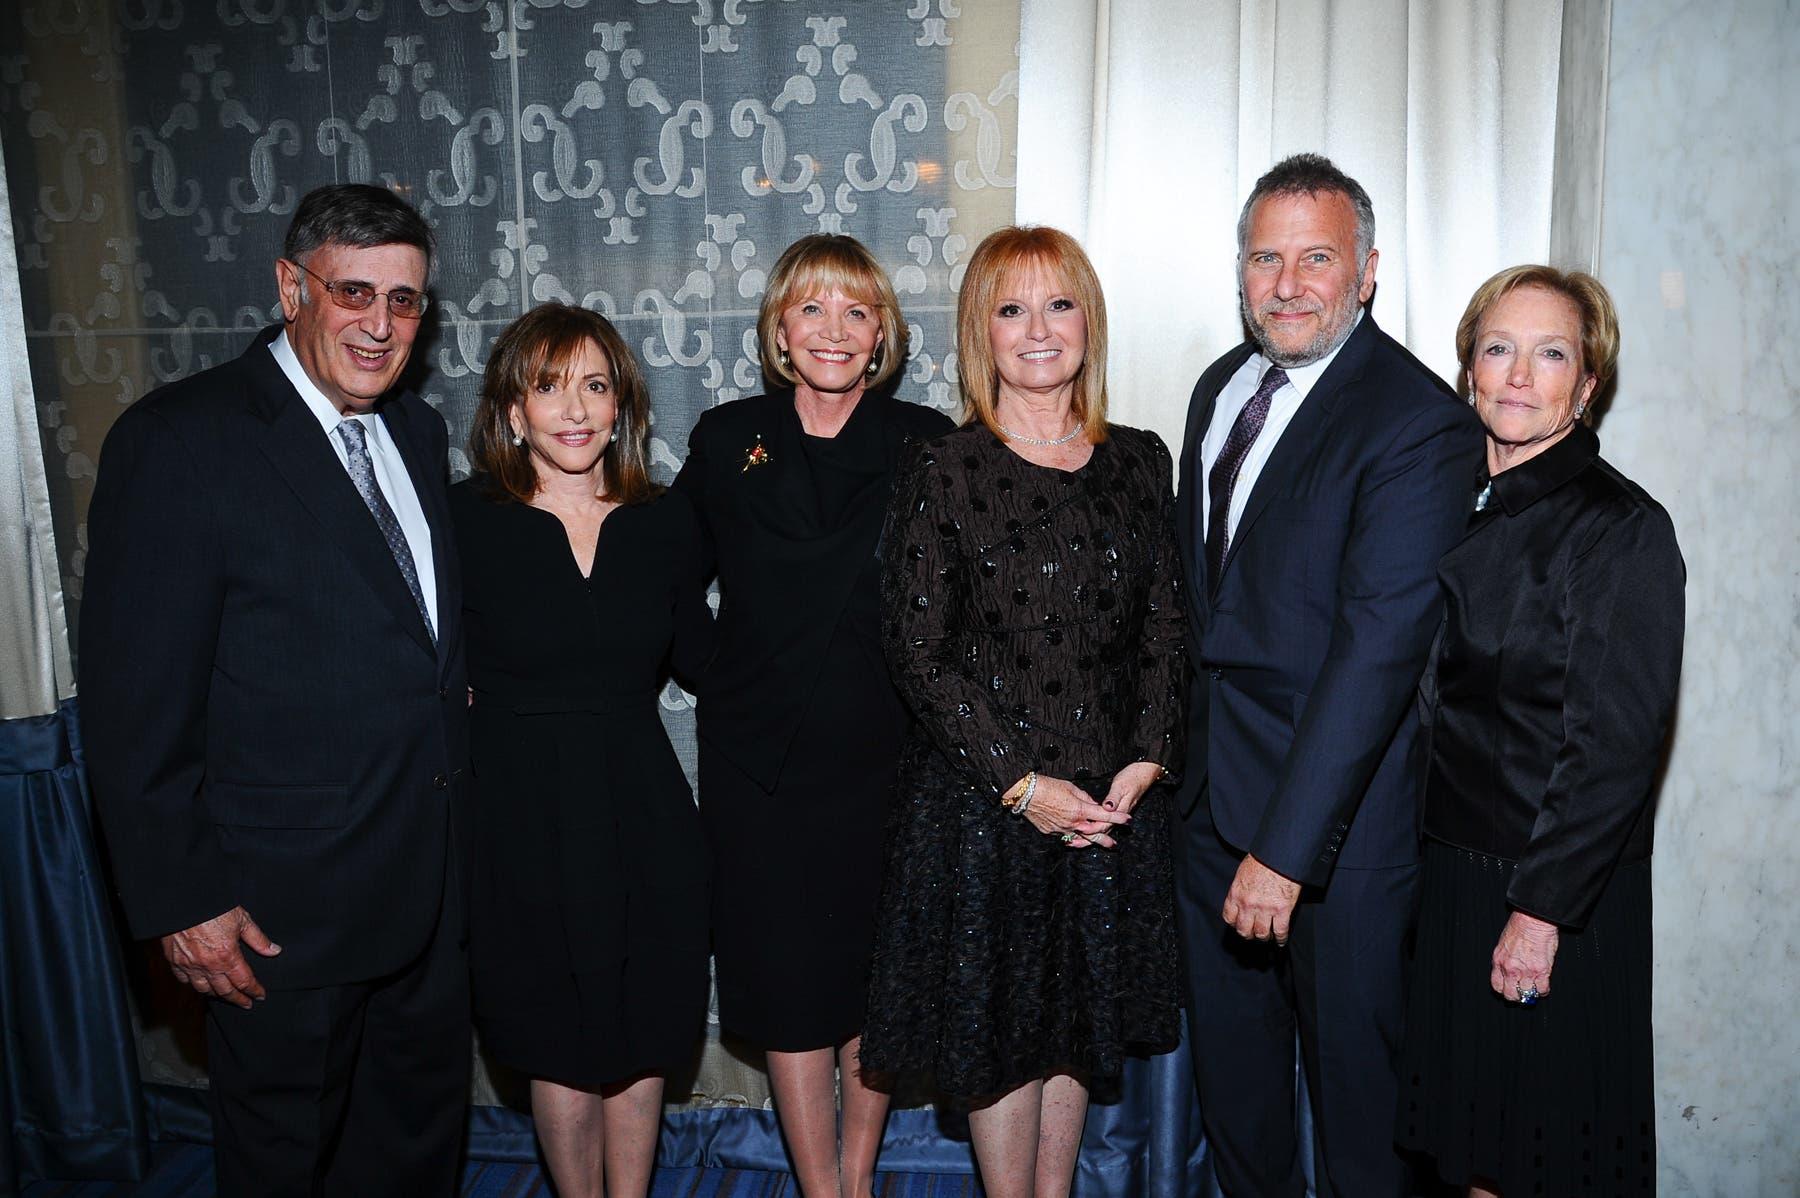 Cedars-Sinai Board of Governors Honors Janet and David Polak at 2014